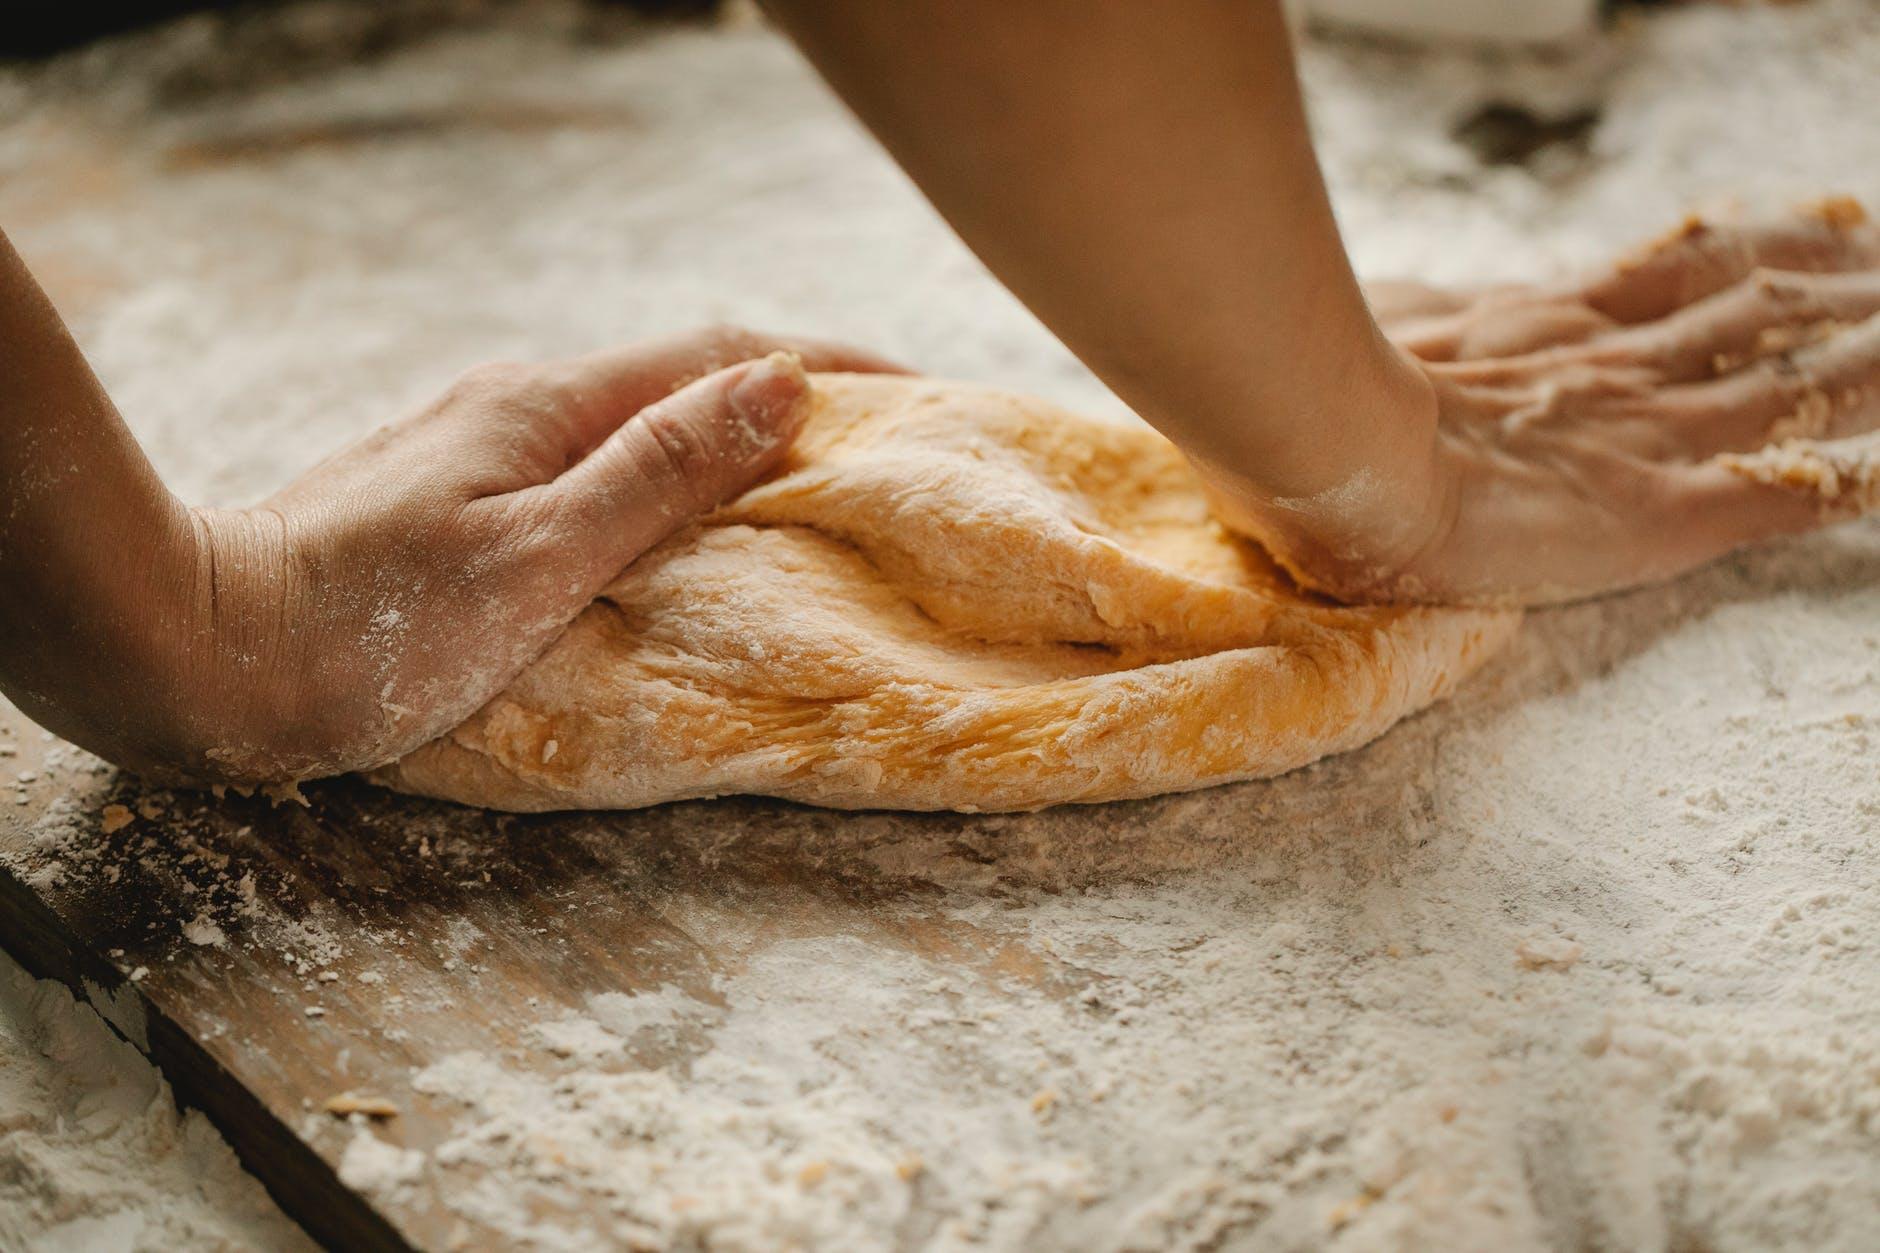 Стойността на хляба като важен компонент на човешкия живот